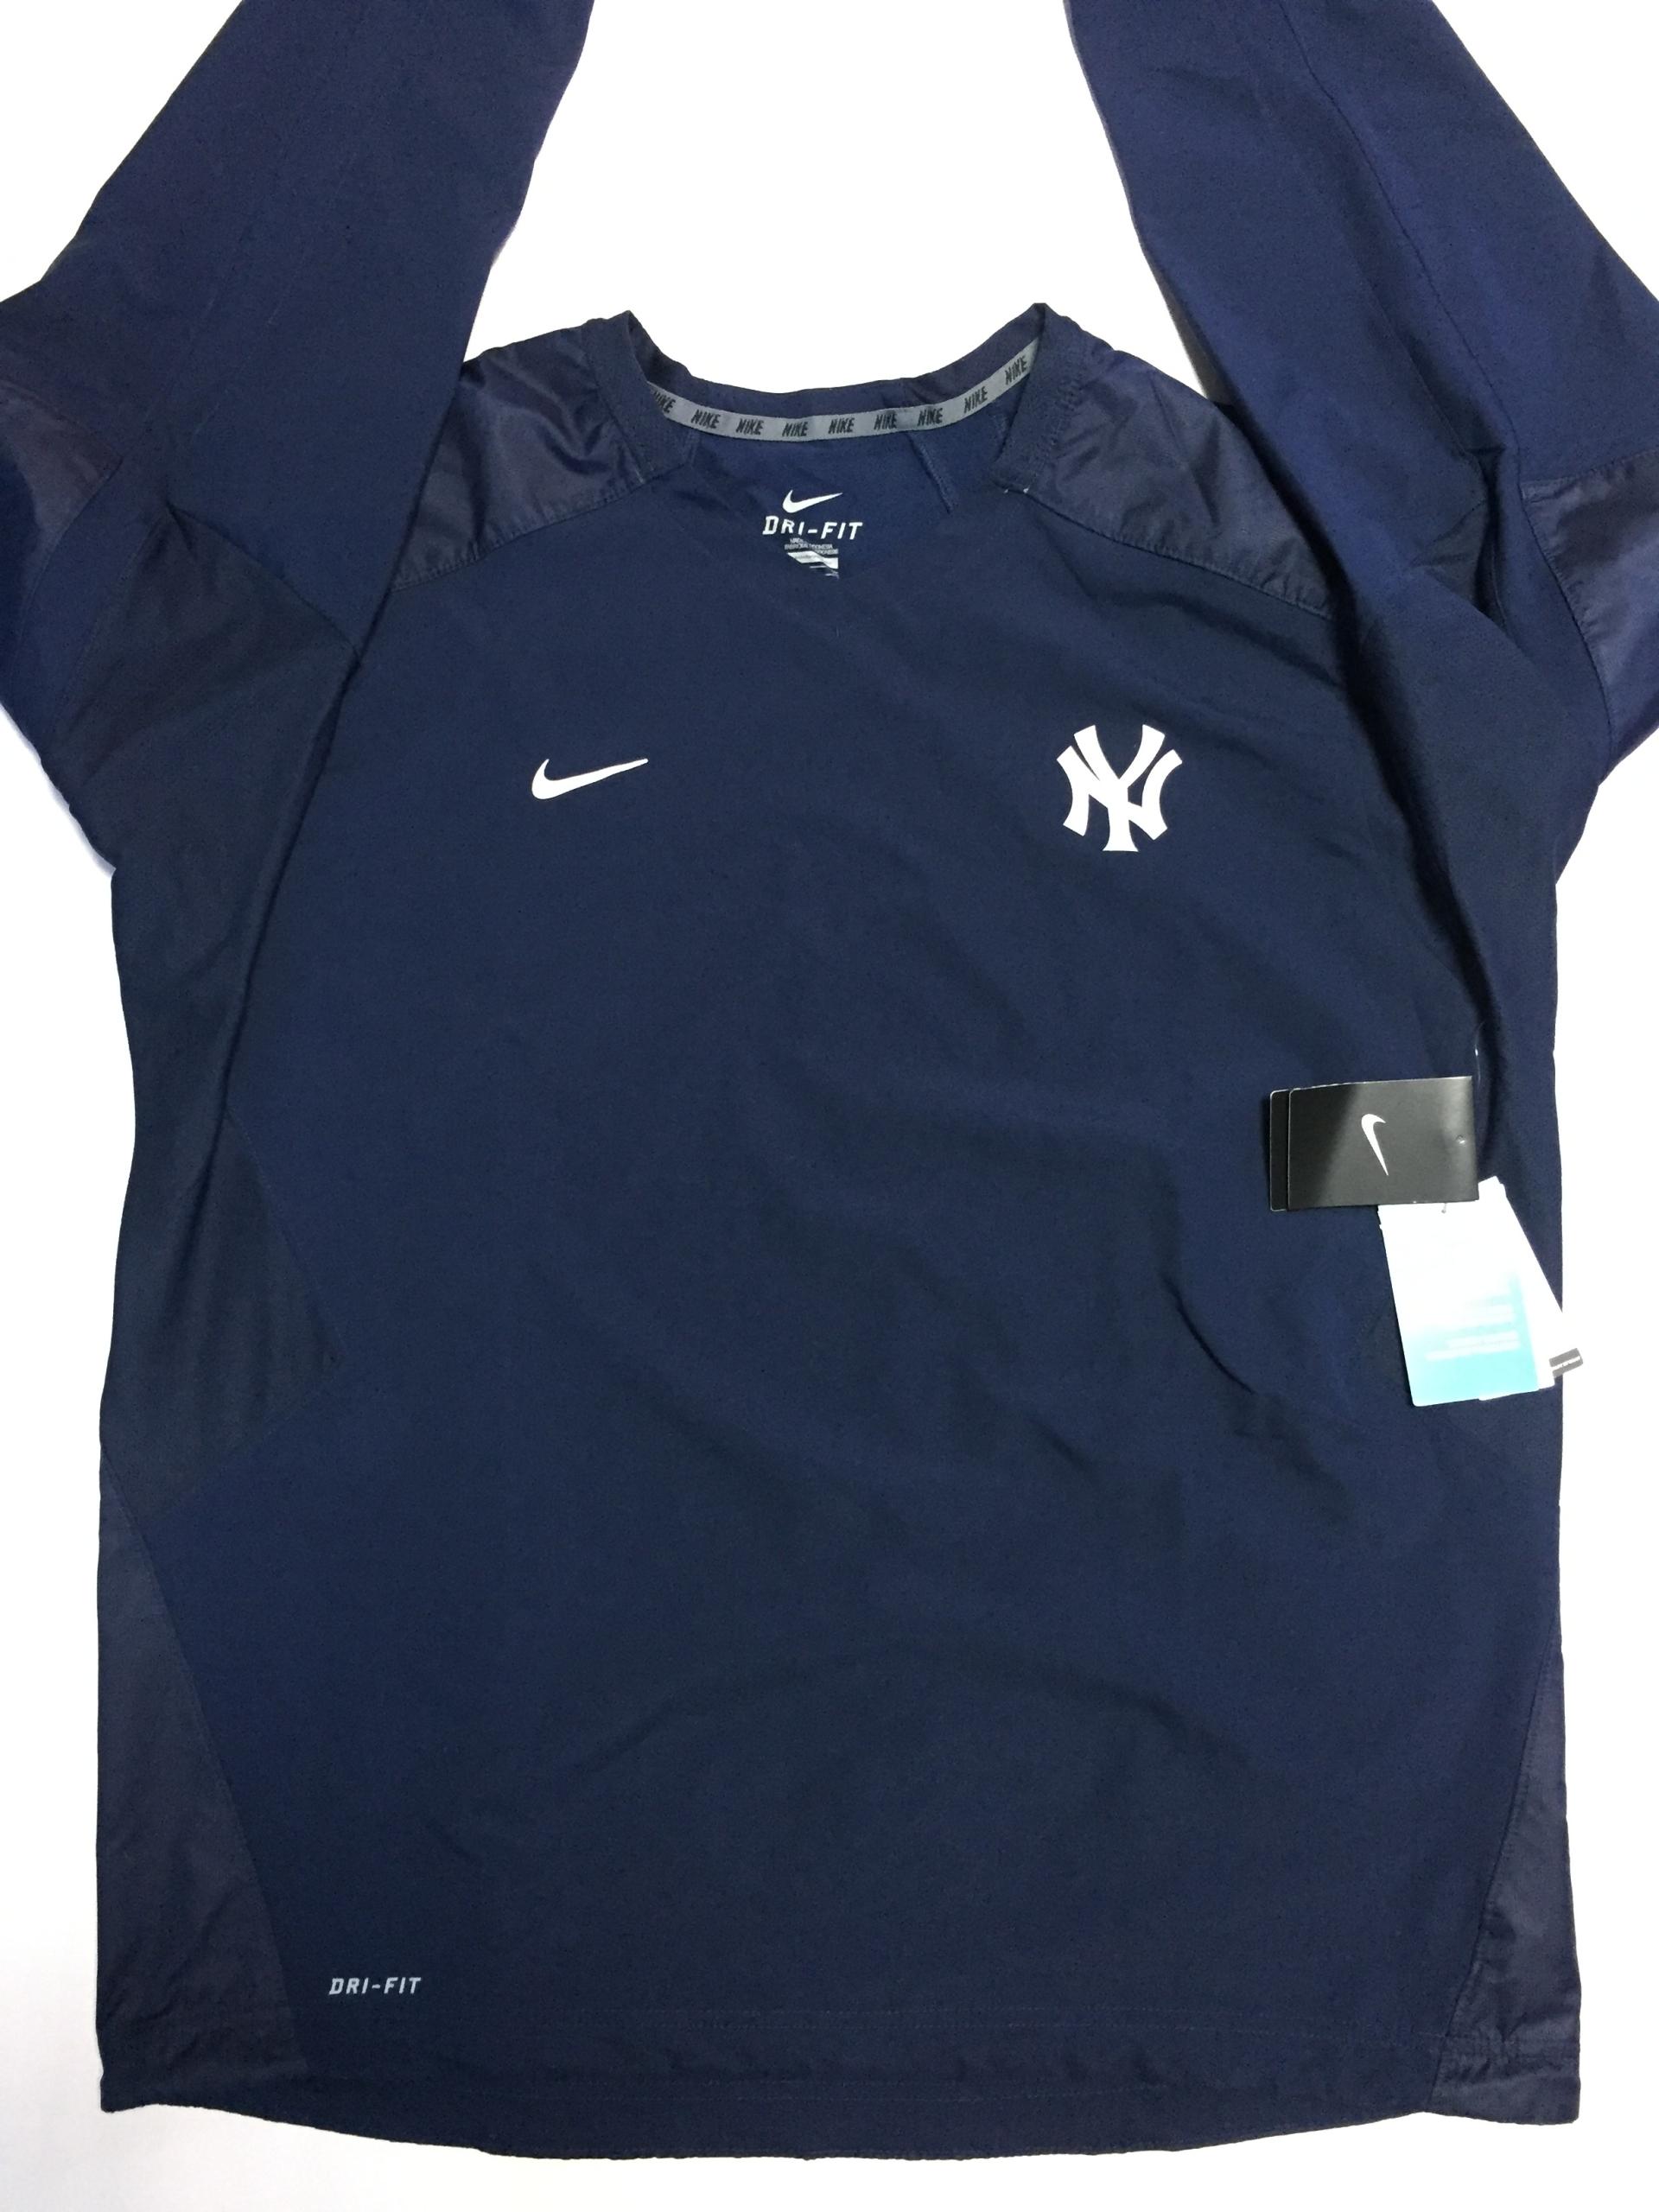 Nike New York Yankees Bluza XL MLB z USA DriFit